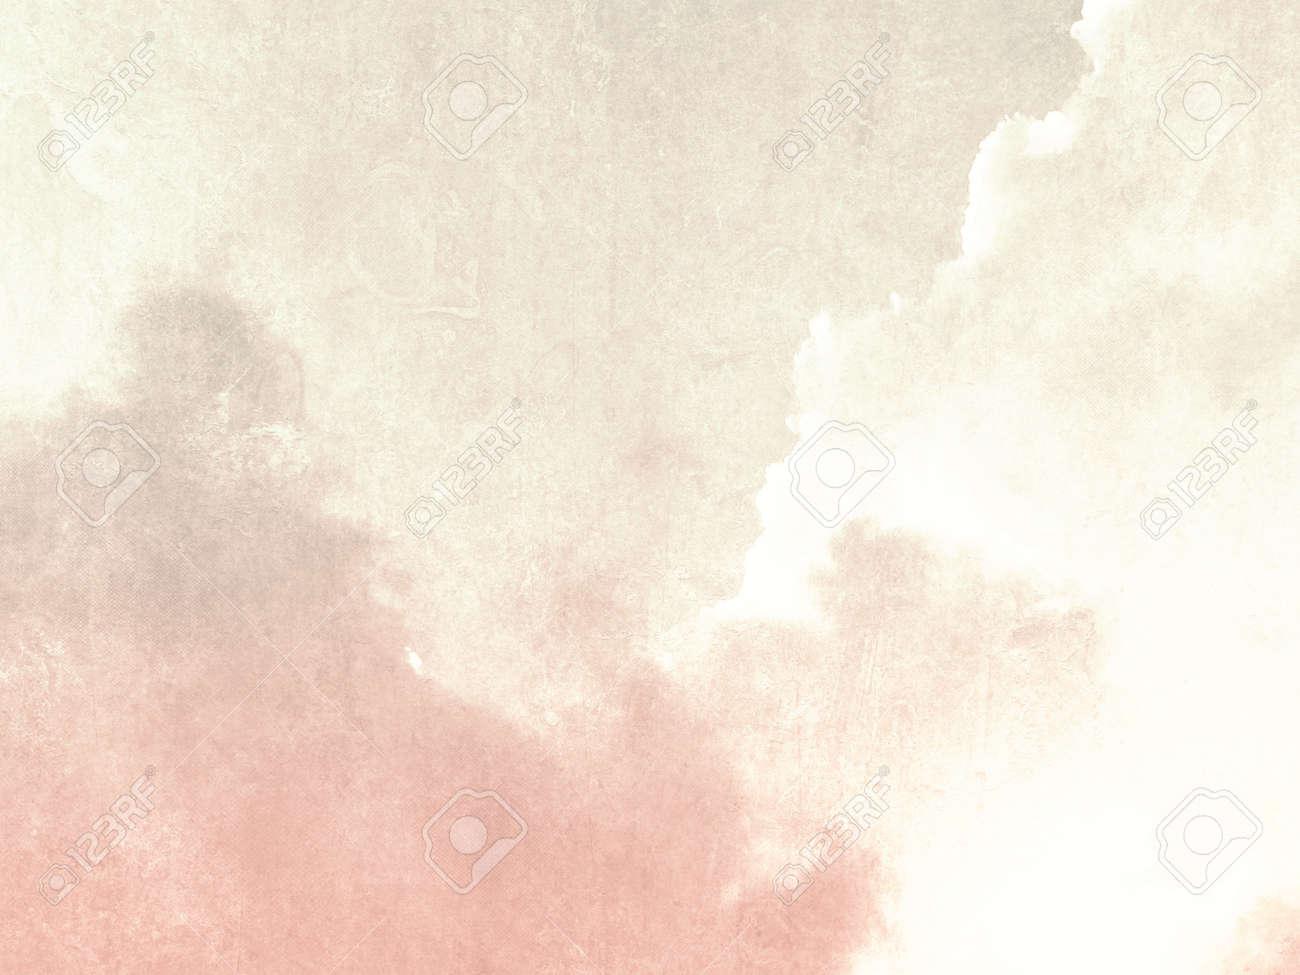 色あせたビンテージ スタイルでピンクの柔らかい空背景ベージュ